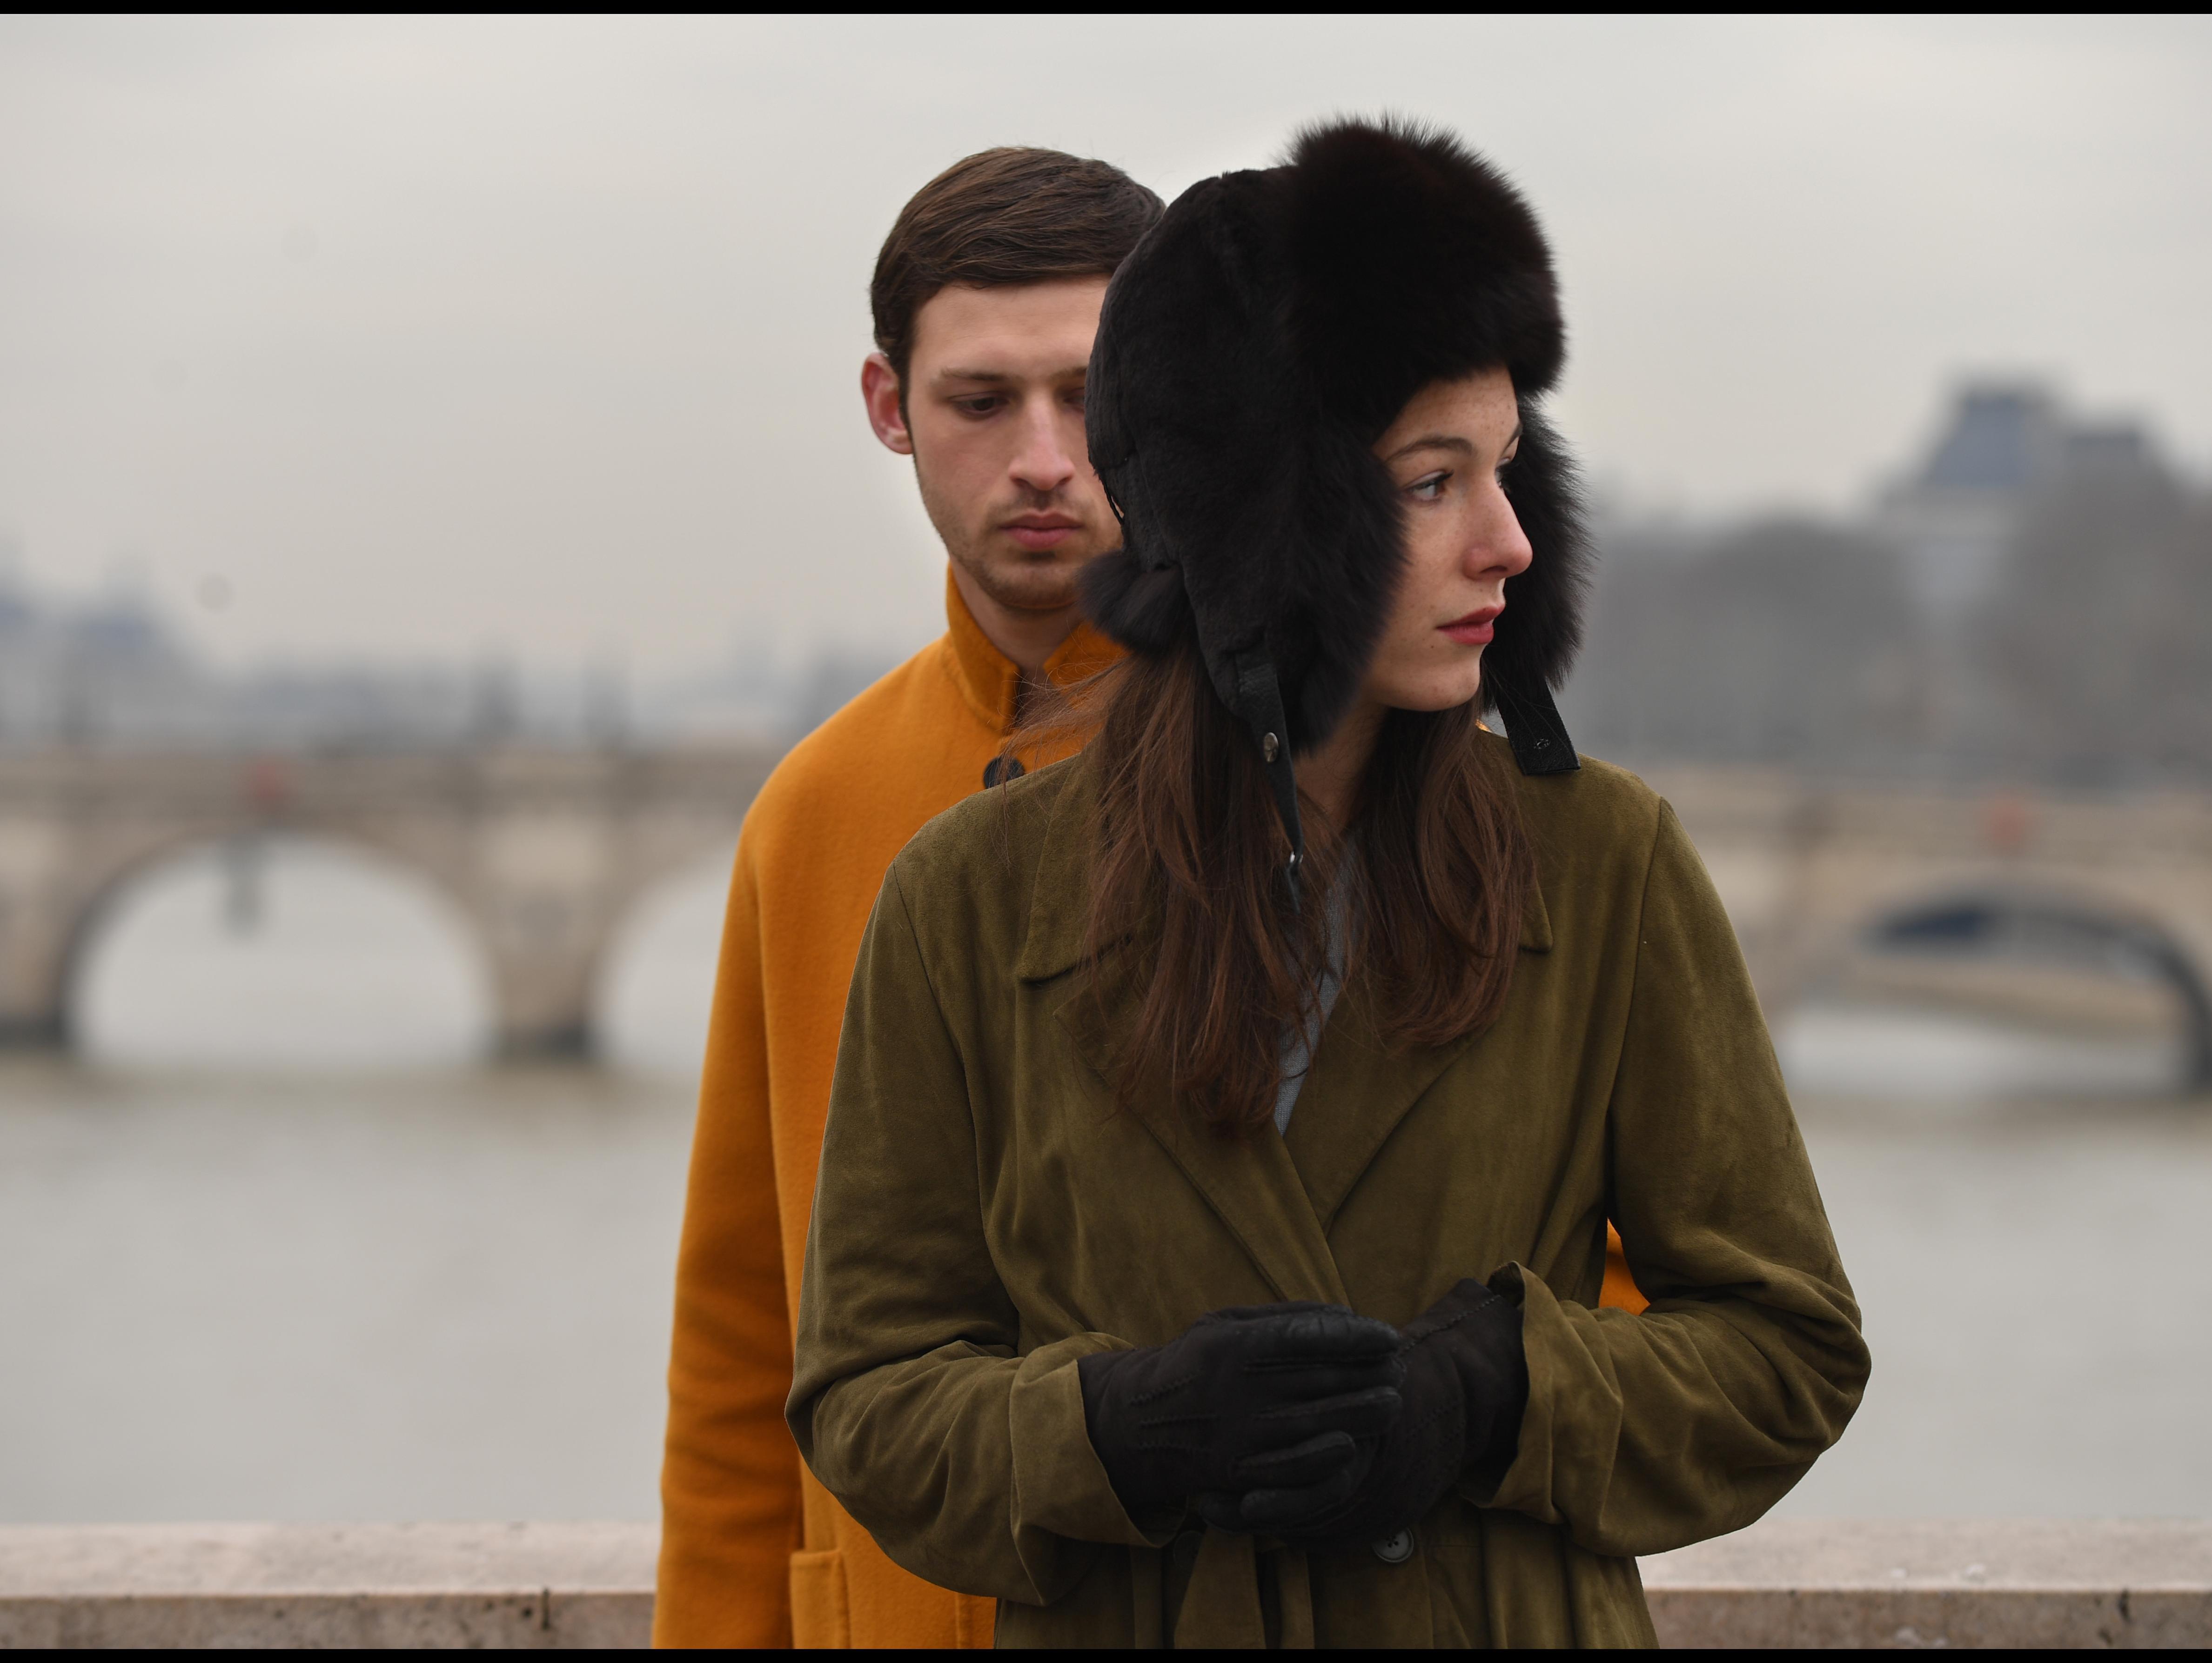 לראשונה מזה שמונה שנים: סרט ישראלי בתחרות הרשמית של פסטיבל ברלין